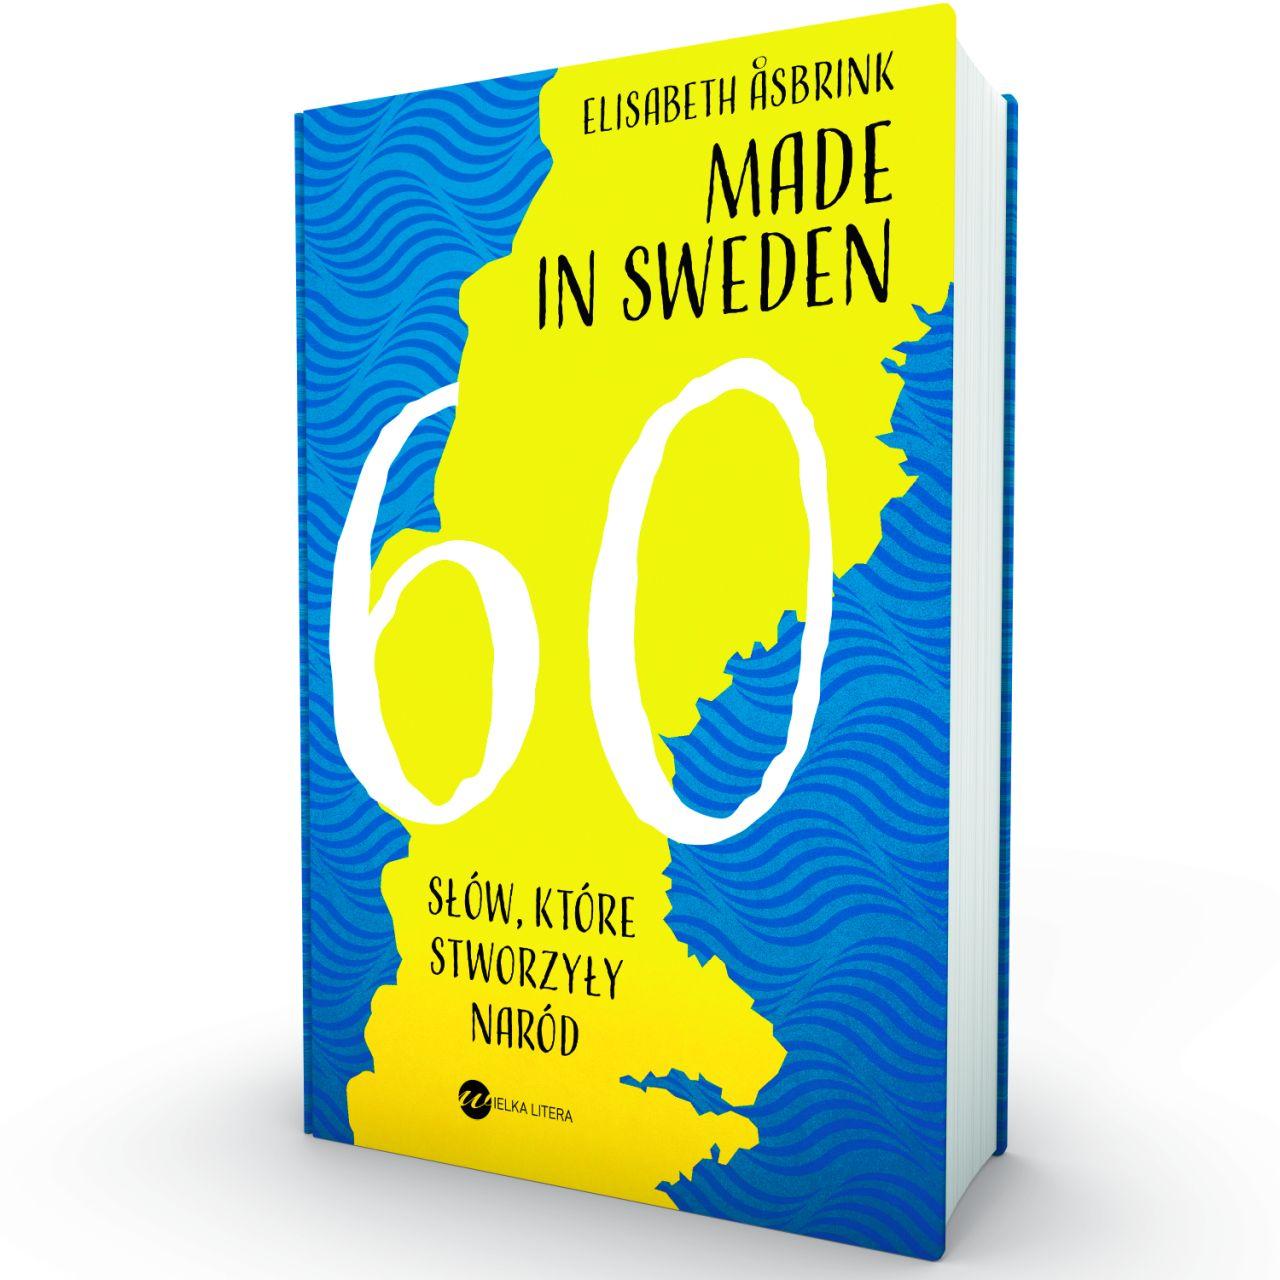 Made in Sweden, książka ukazała się nakładem wydawnictwa Wielka Litera